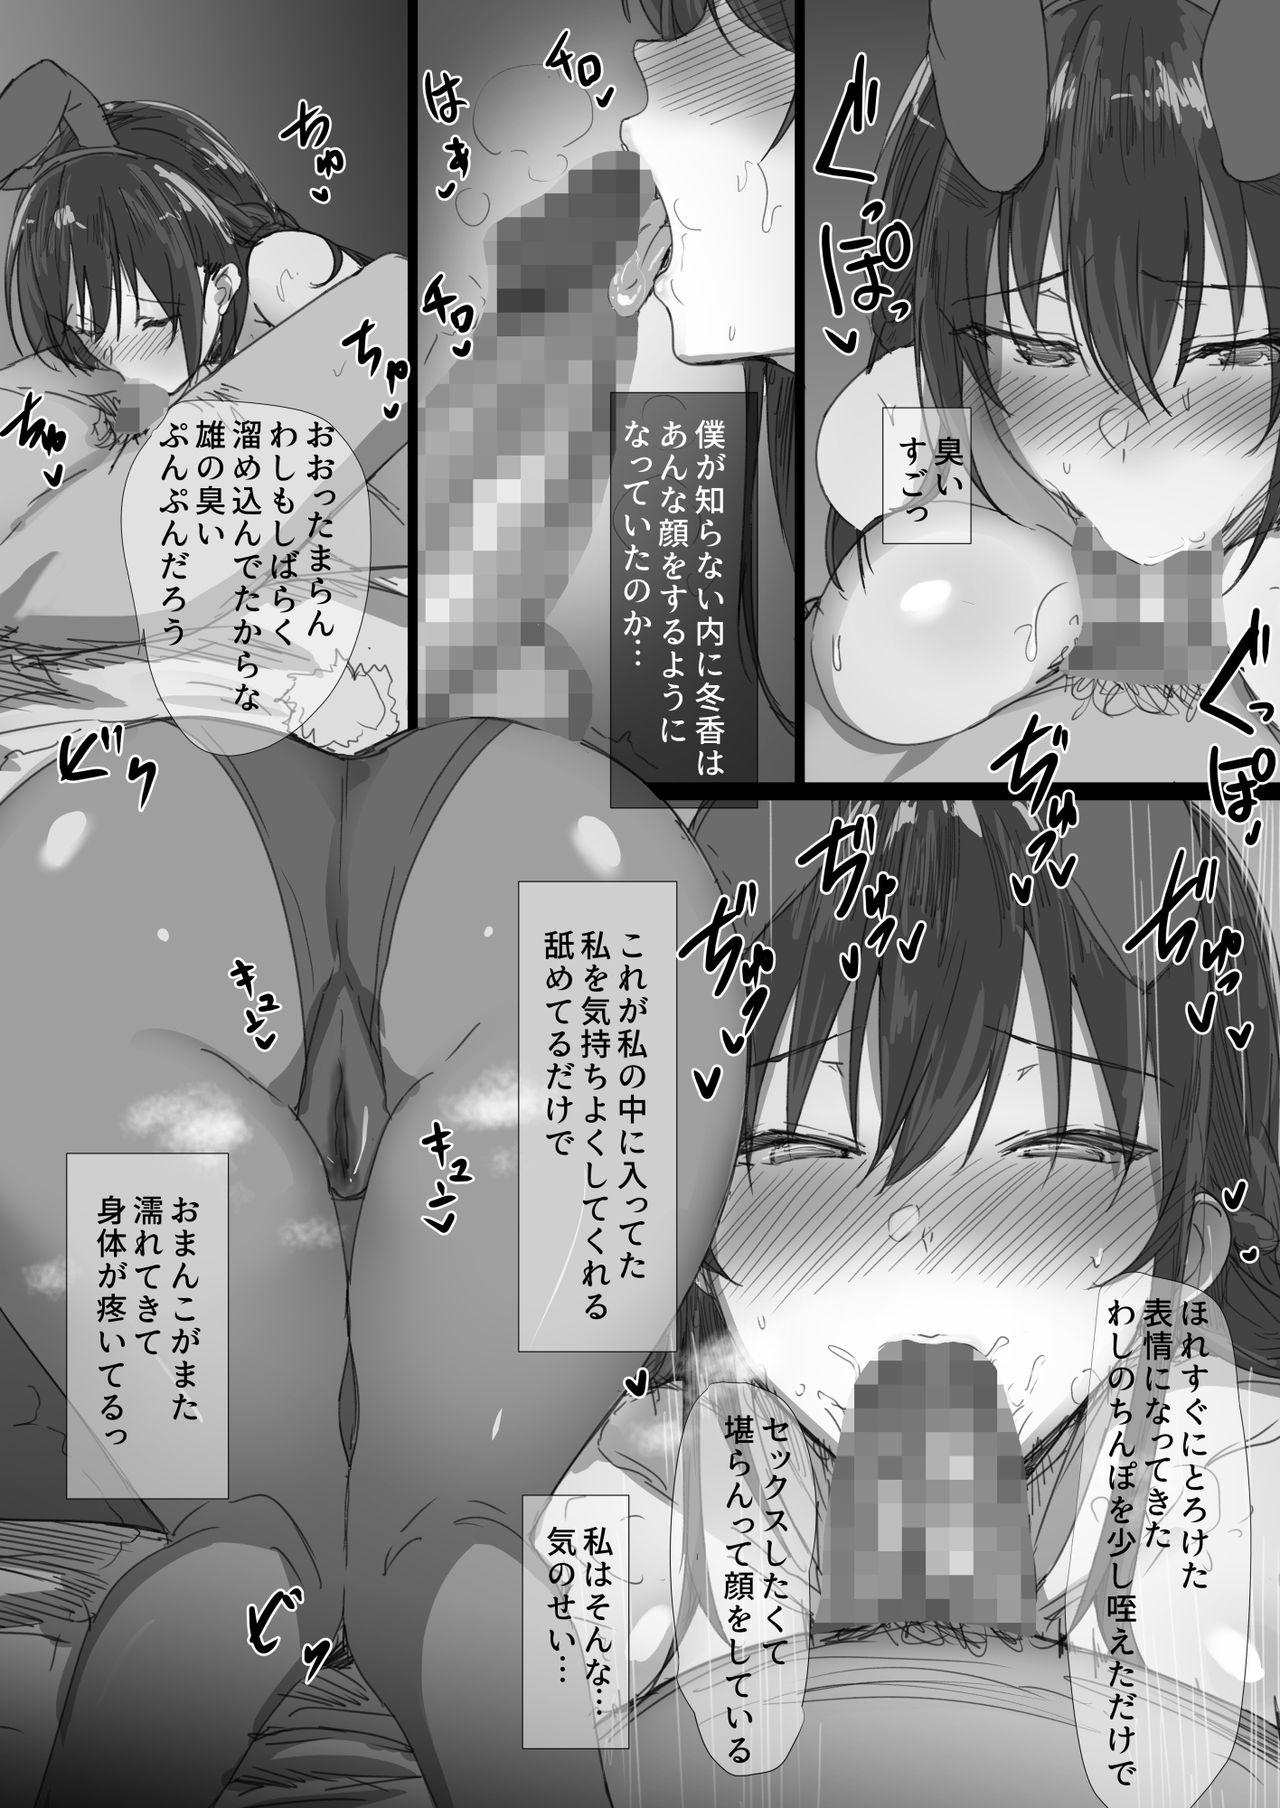 Ki ga Tsuyoi Seiso na Hitozuma Reijou ga Netorareru made no Ichibu Shijuu 59